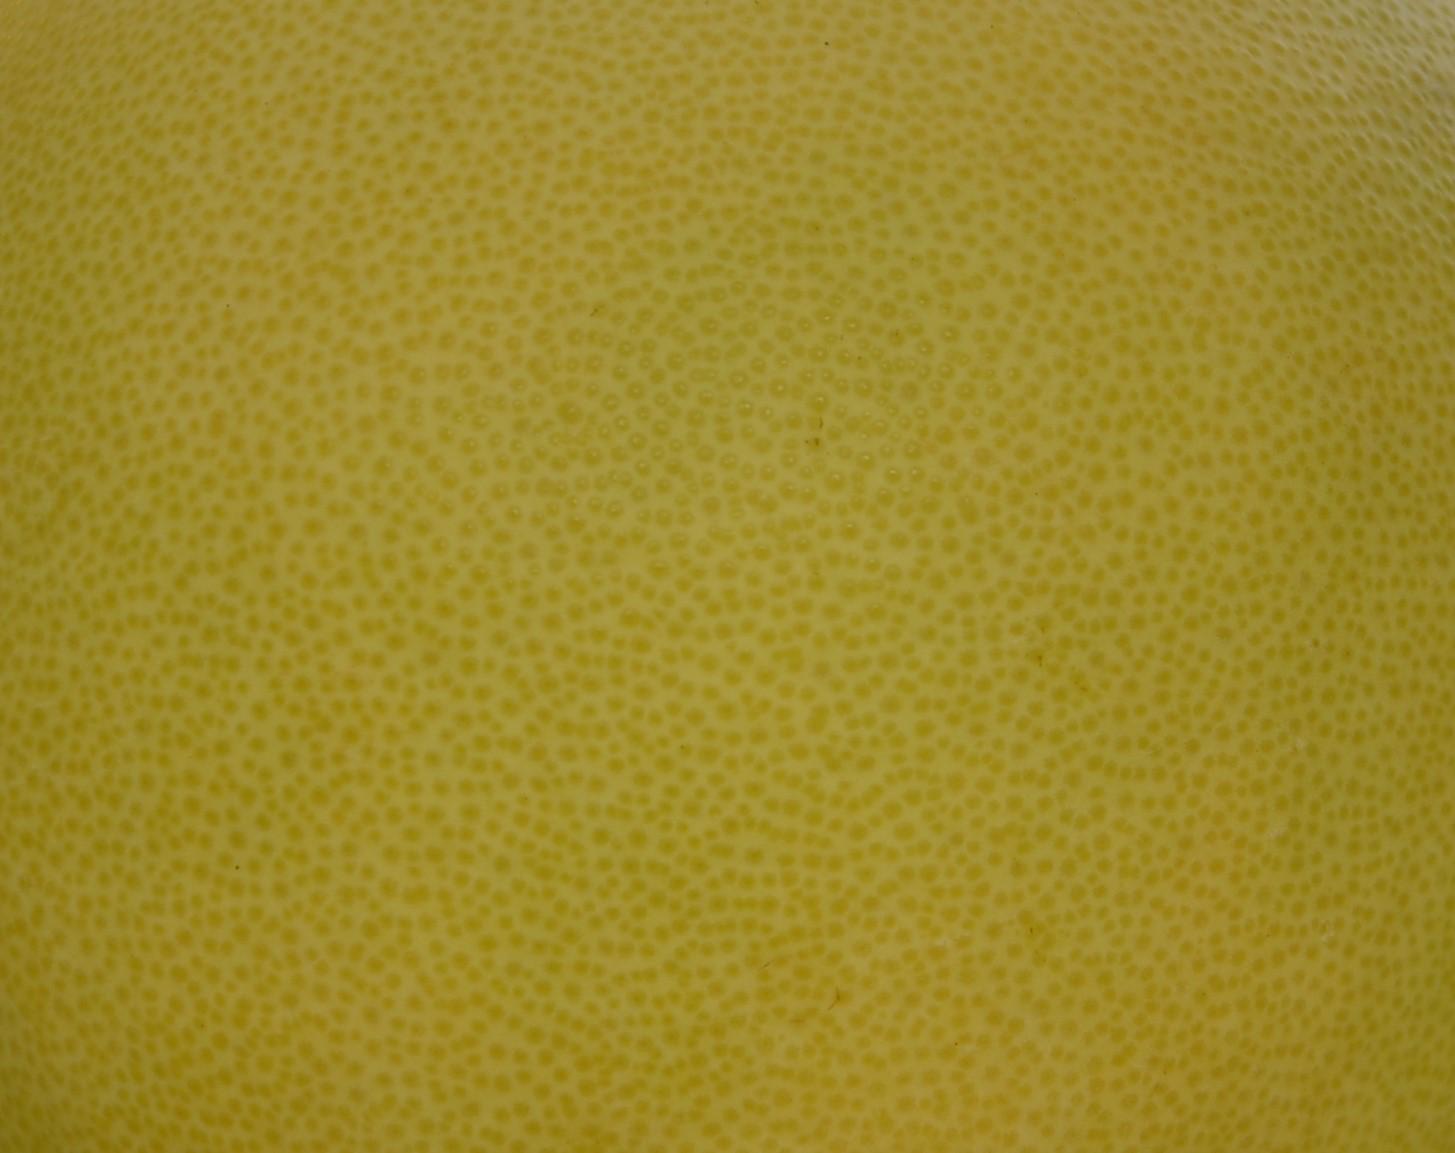 大白柚應挑選果皮光滑、油胞分佈均勻、細緻,品質最優